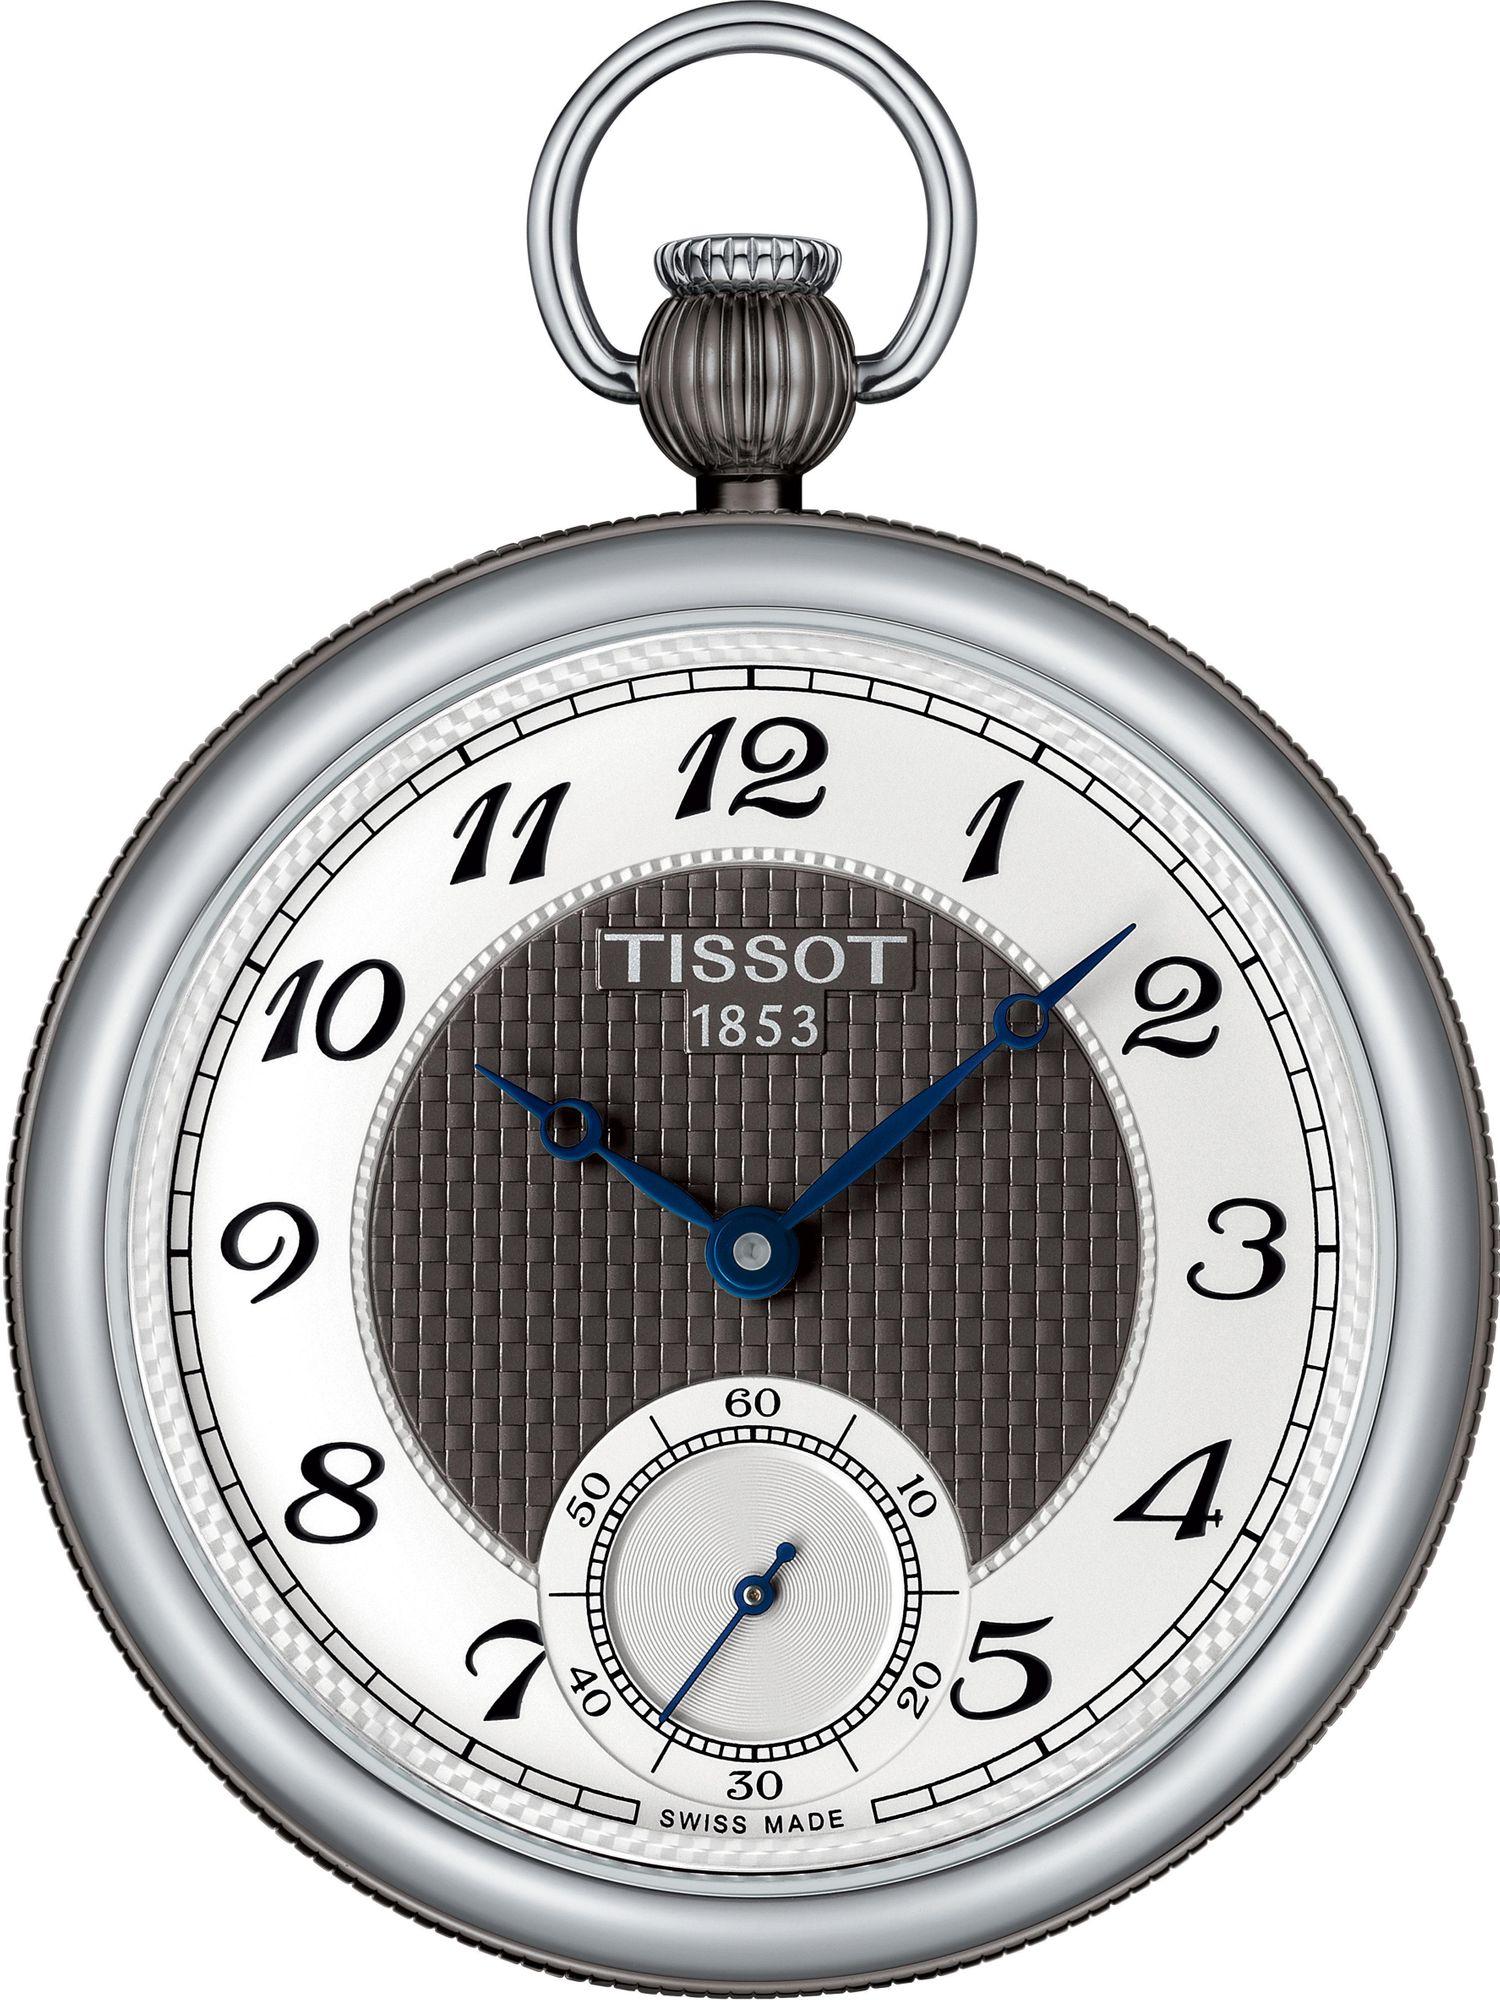 Tissot TASCHENUHR BRIDGEPORTPINE T860.405.29.032.00 Taschenuhr